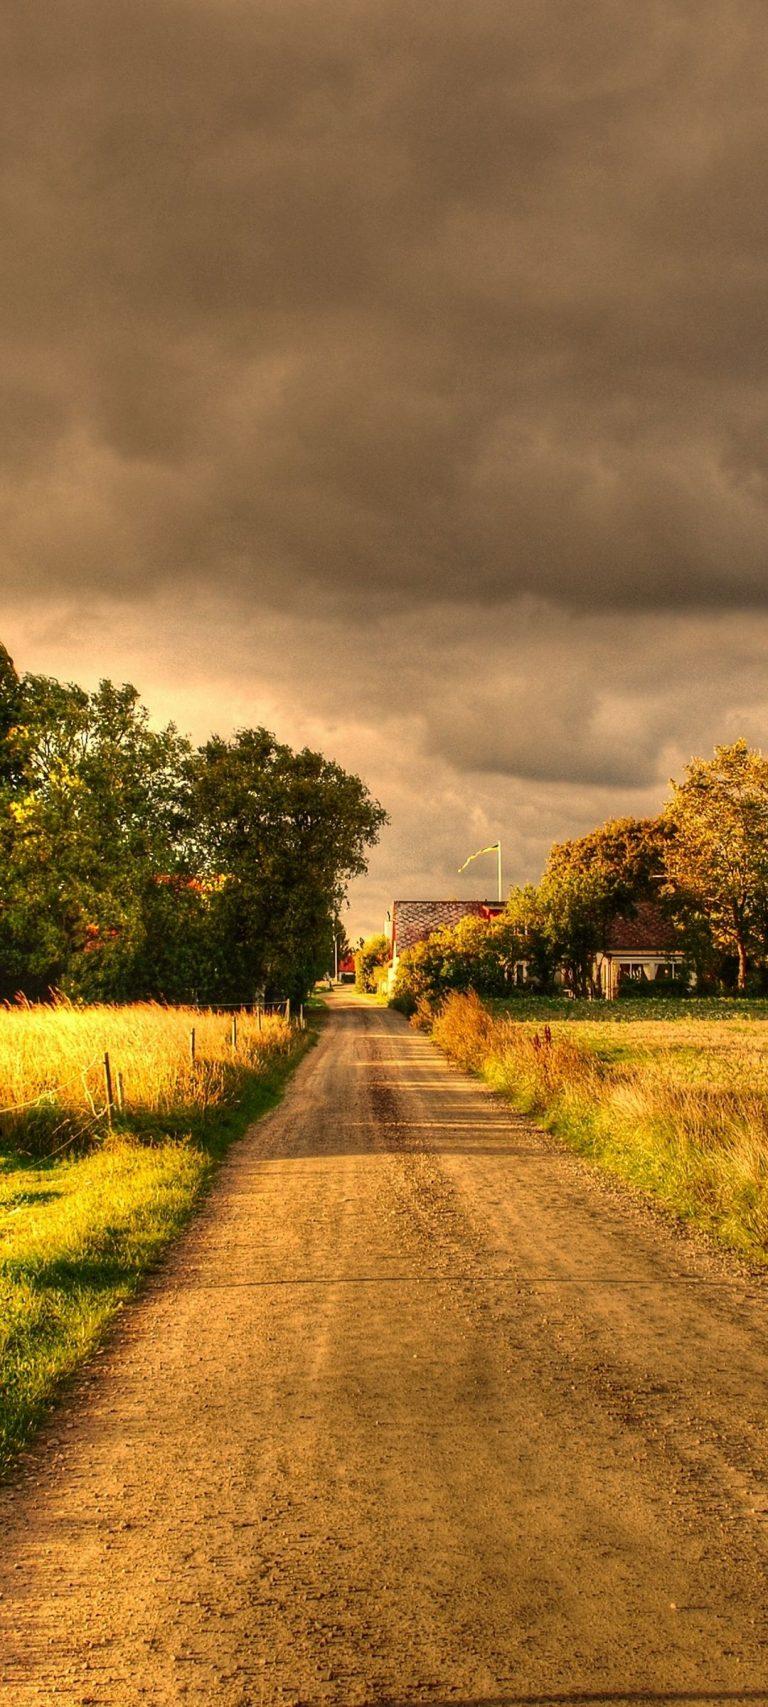 Autumn Field Road Landscape 1080x2400 768x1707